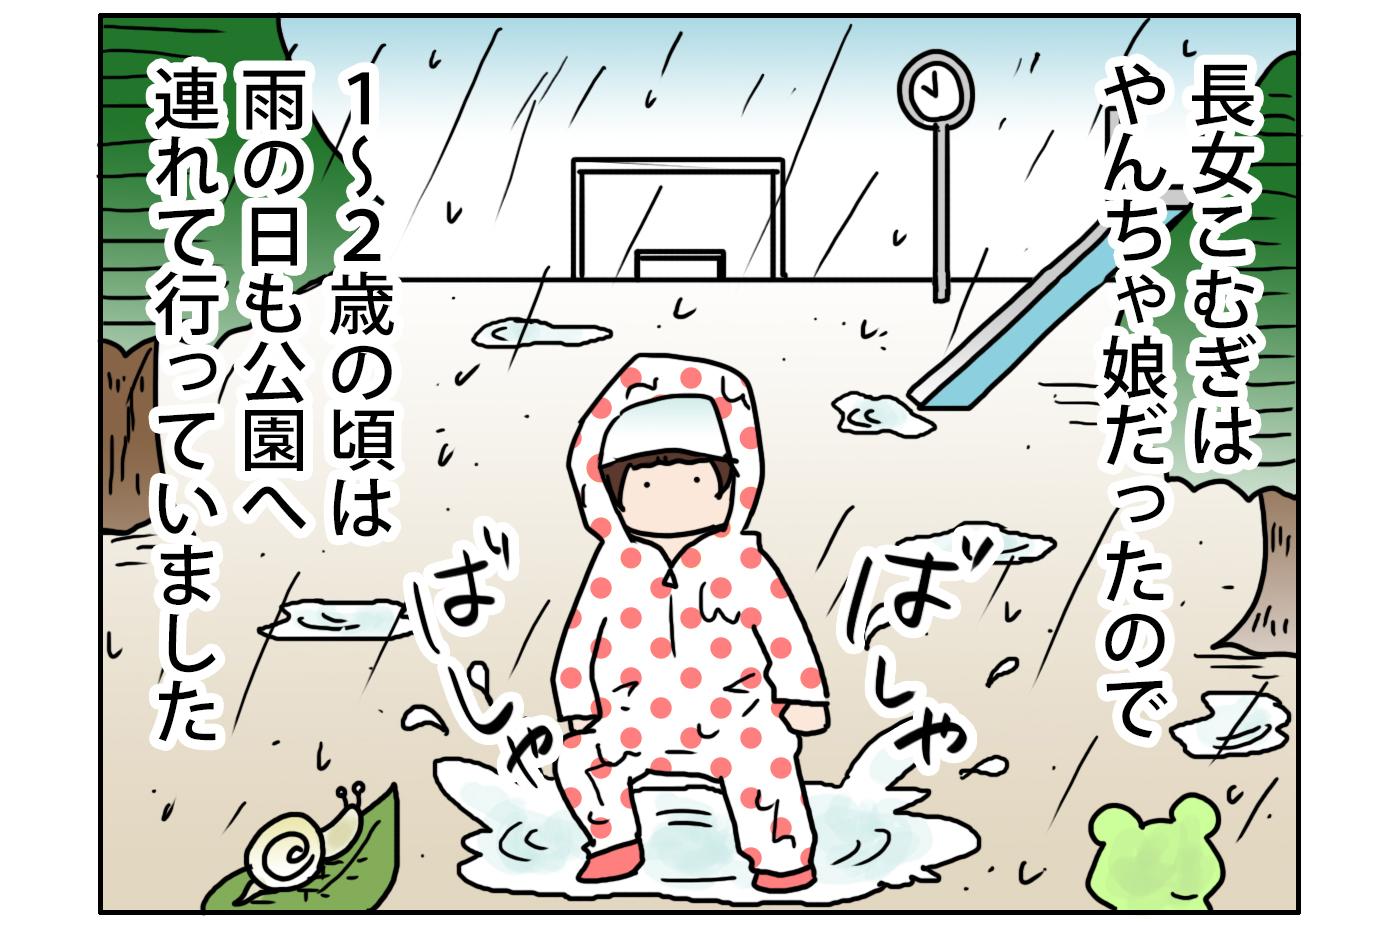 梅雨でも思い切って公園へ! 我が家の雨の日の過ごし方